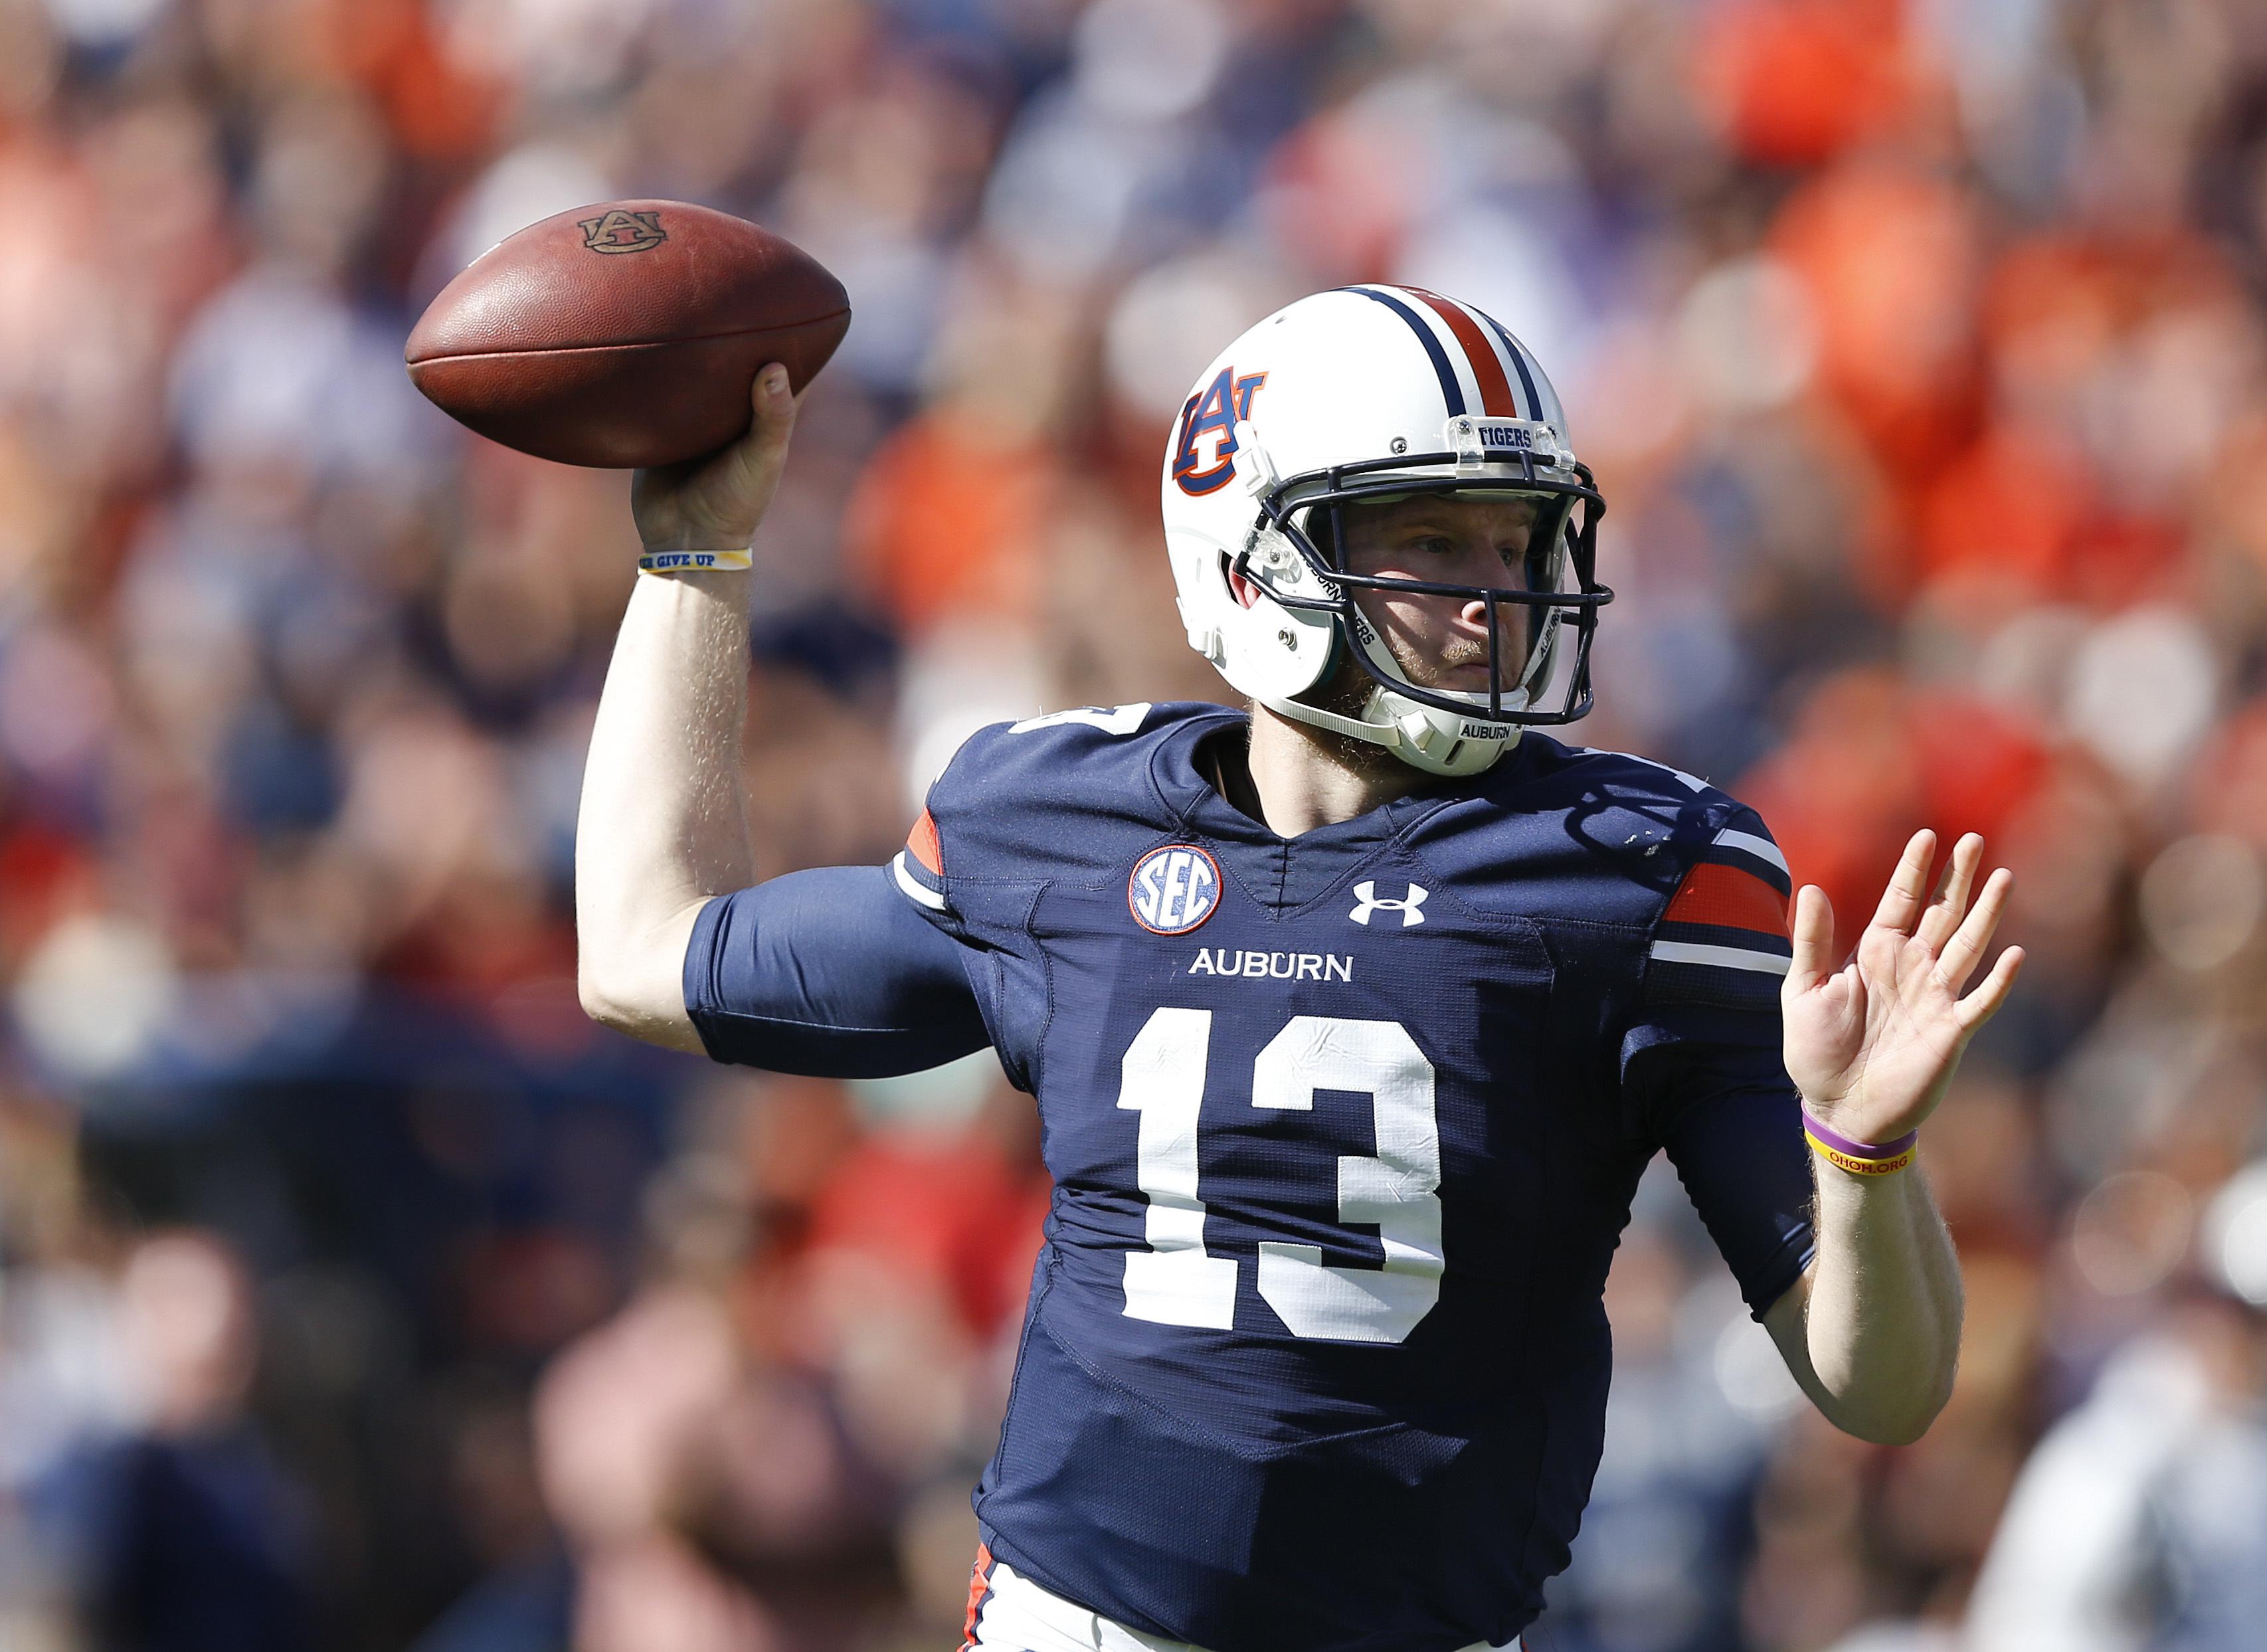 Auburn quarterback Sean White sets throws a pass during the second half of an NCAA college football game against Vanderbilt, Saturday, Nov. 5, 2016, in Auburn, Ala. Auburn won 23-16. (AP Photo/Brynn Anderson)